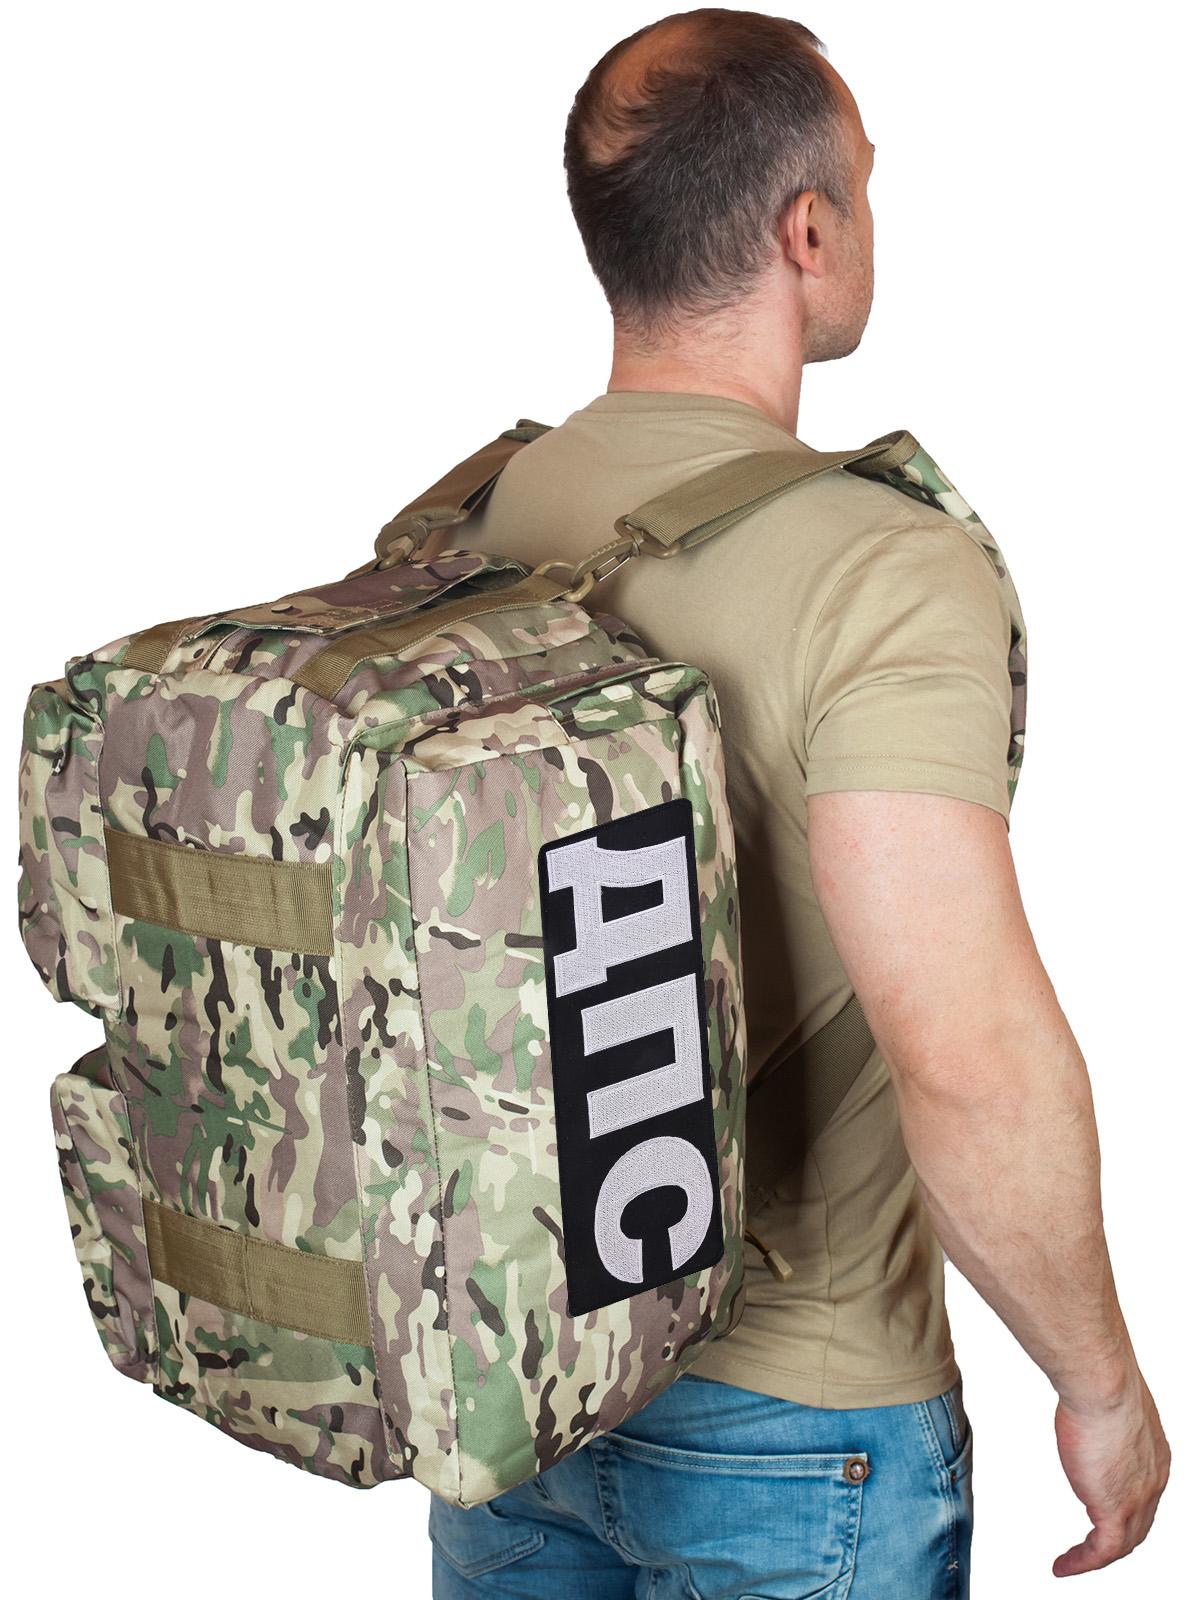 Купить походную камуфляжную сумку-рюкзак ДПС по специальной цене в Военпро